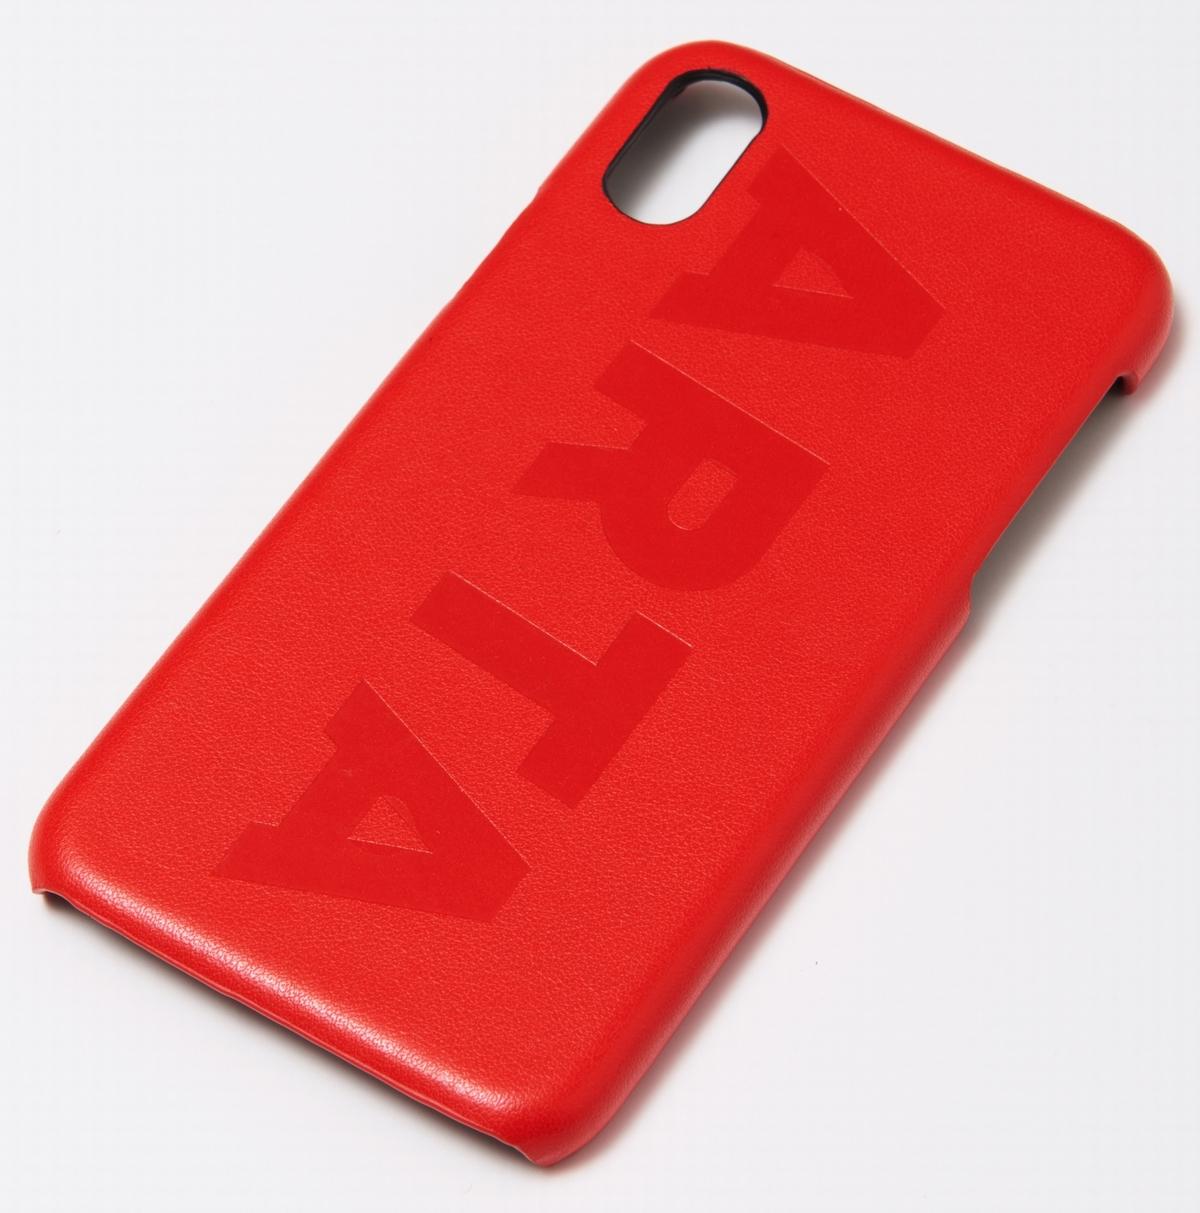 ARTA iPhoneX/XS用ケース レッド